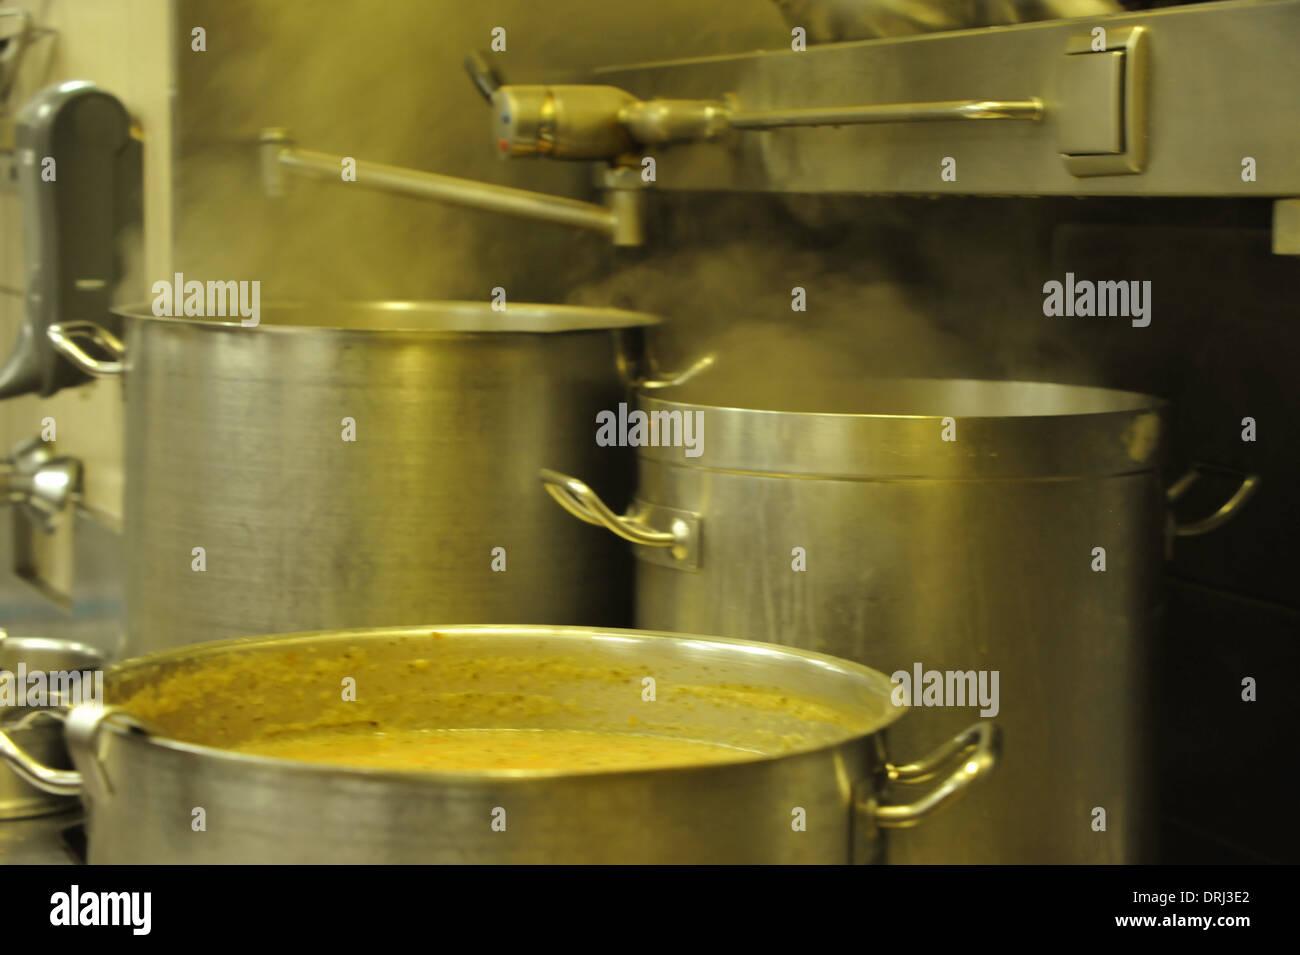 Zubereitung der österreichischen Spezialität Tafelspitz im Traditionsrestaurant Figlmüller in Wien. Editorial use only. - Stock Image